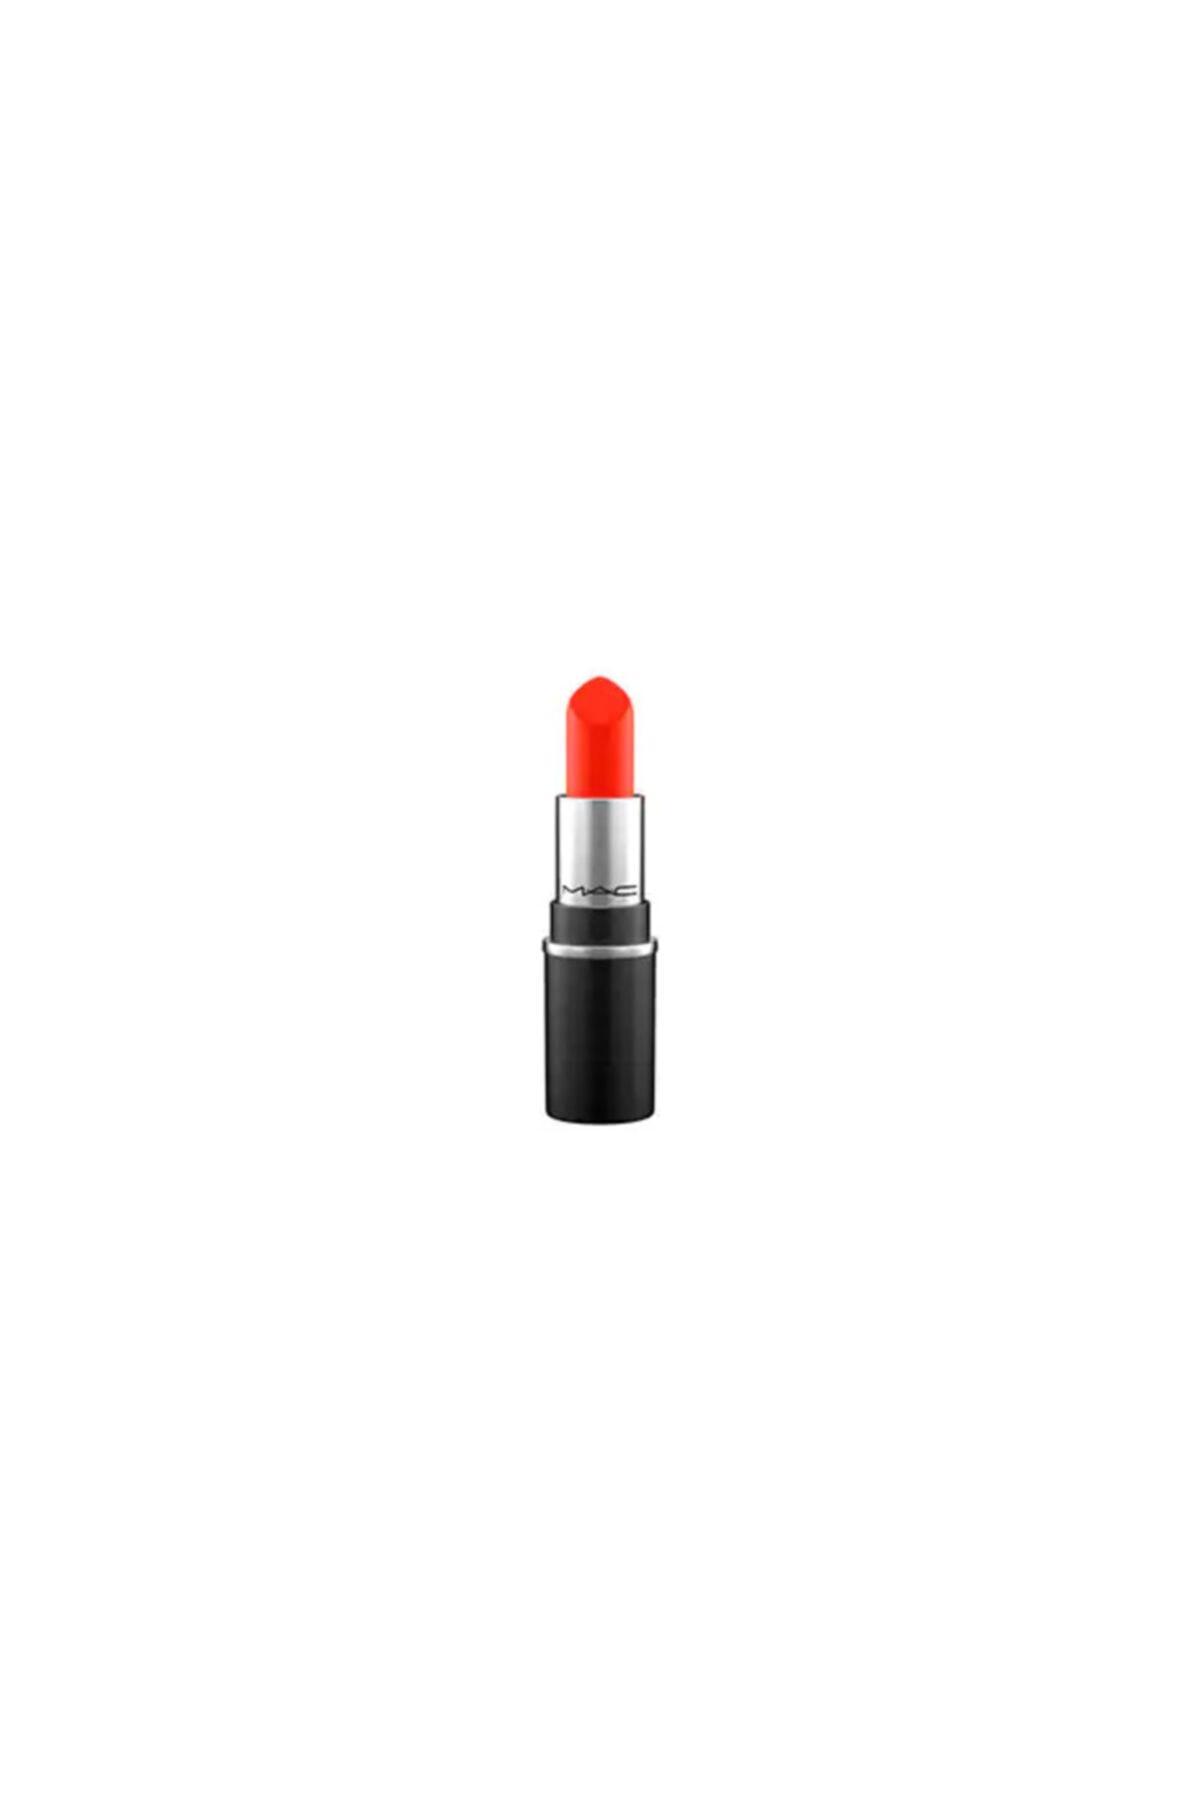 Mini Ruj / Little Mac Lady Danger 1.8 G 773602577767